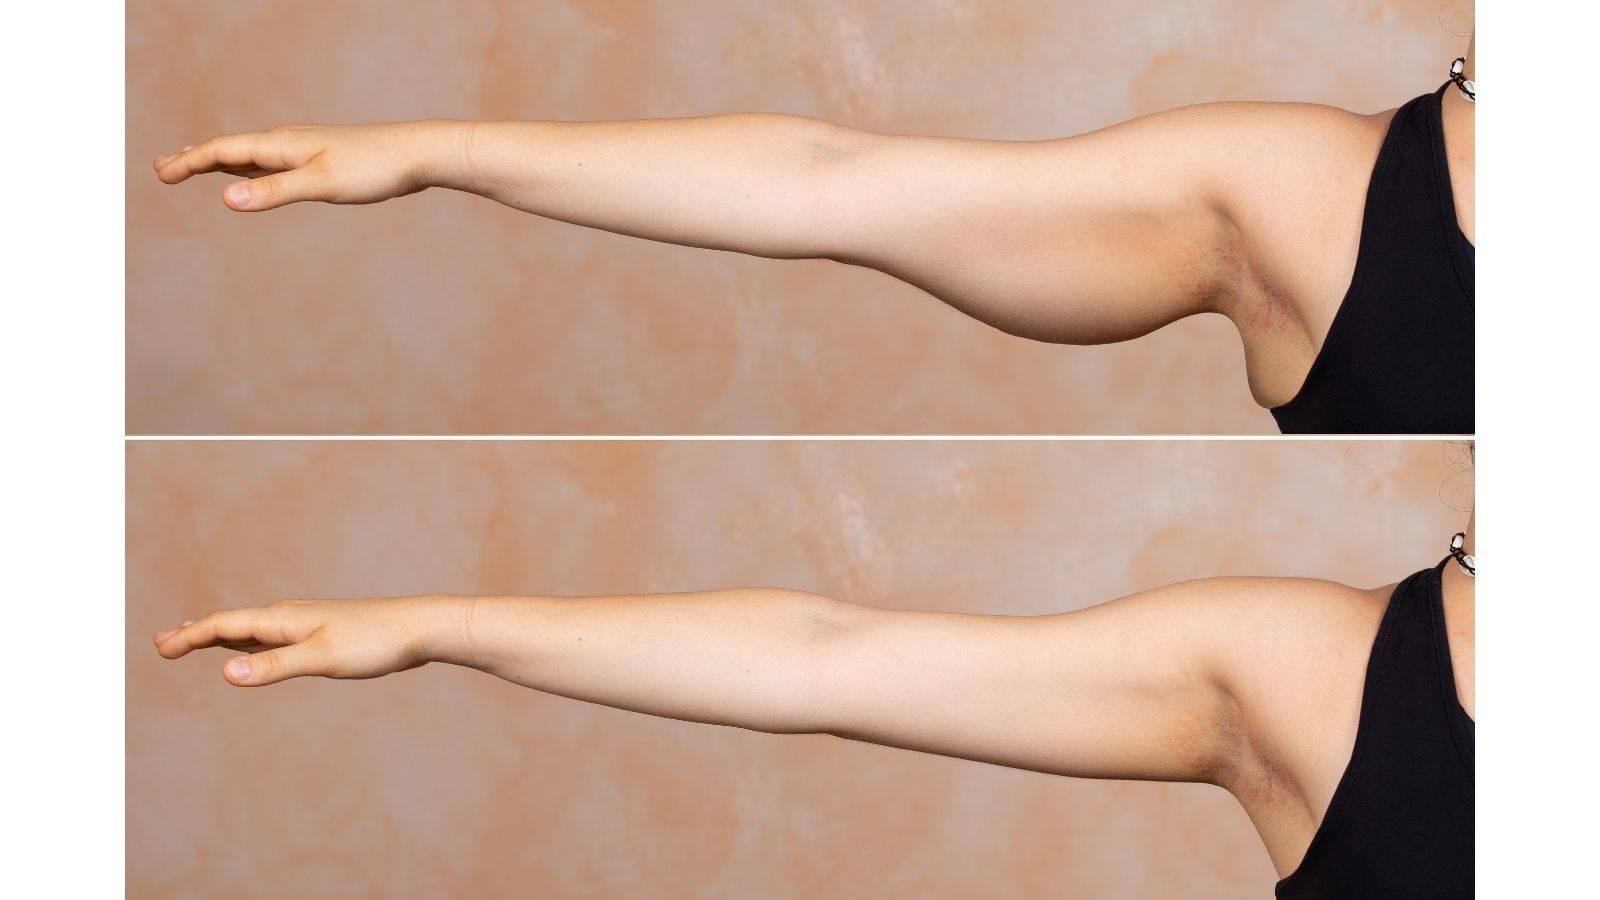 加齢でたるんだ二の腕がキュッと引き締まる【上腕三頭筋に効く!1分トレーニング&マッサージ】